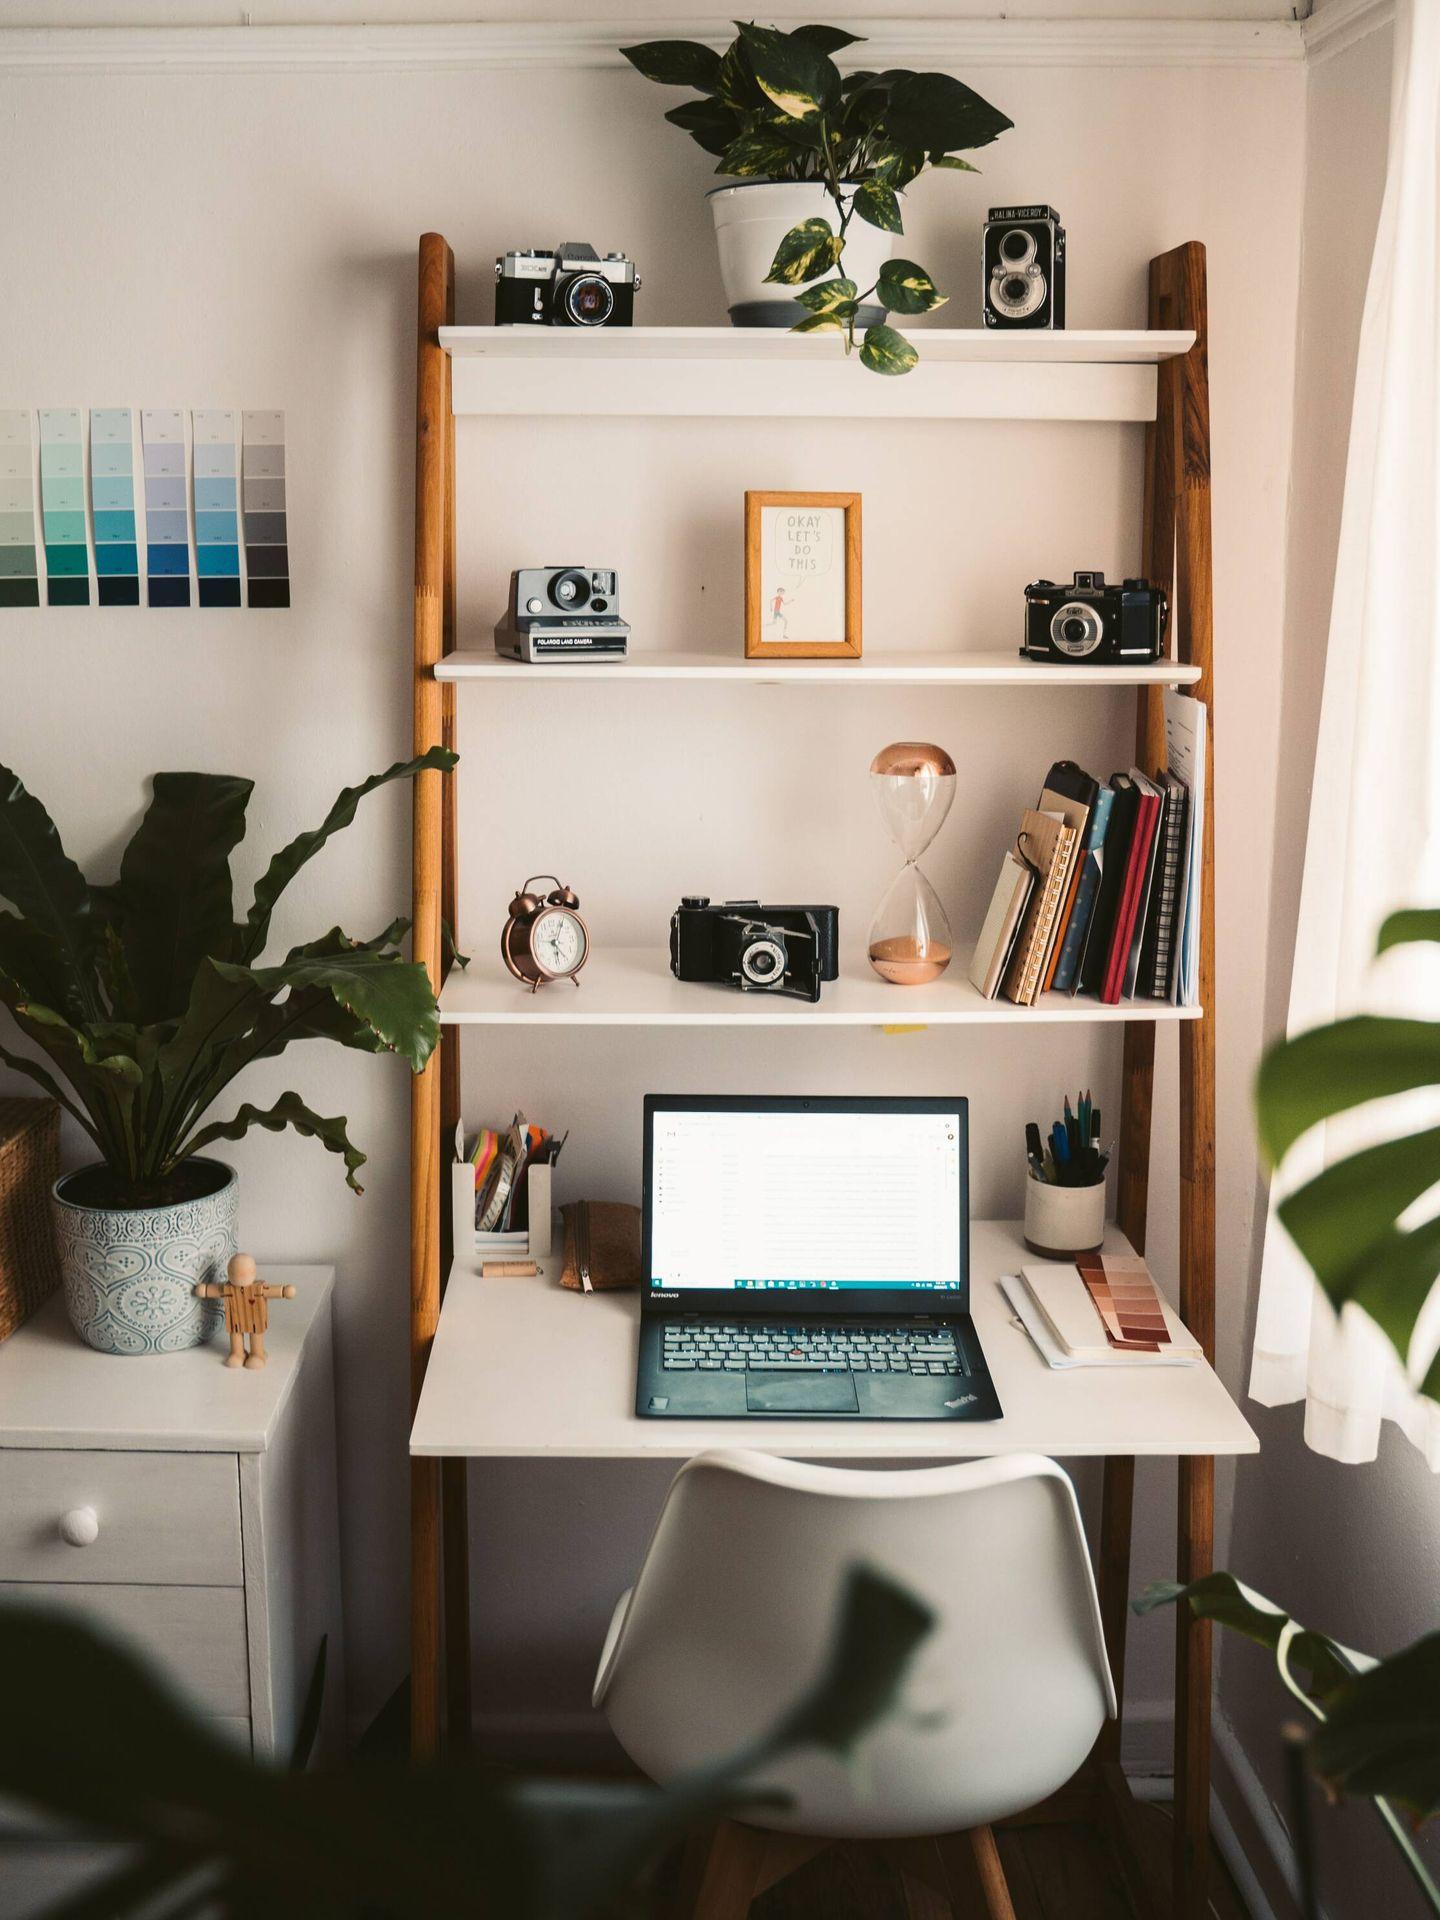 Ubica tu despacho en un lugar bien ventilado y con luz